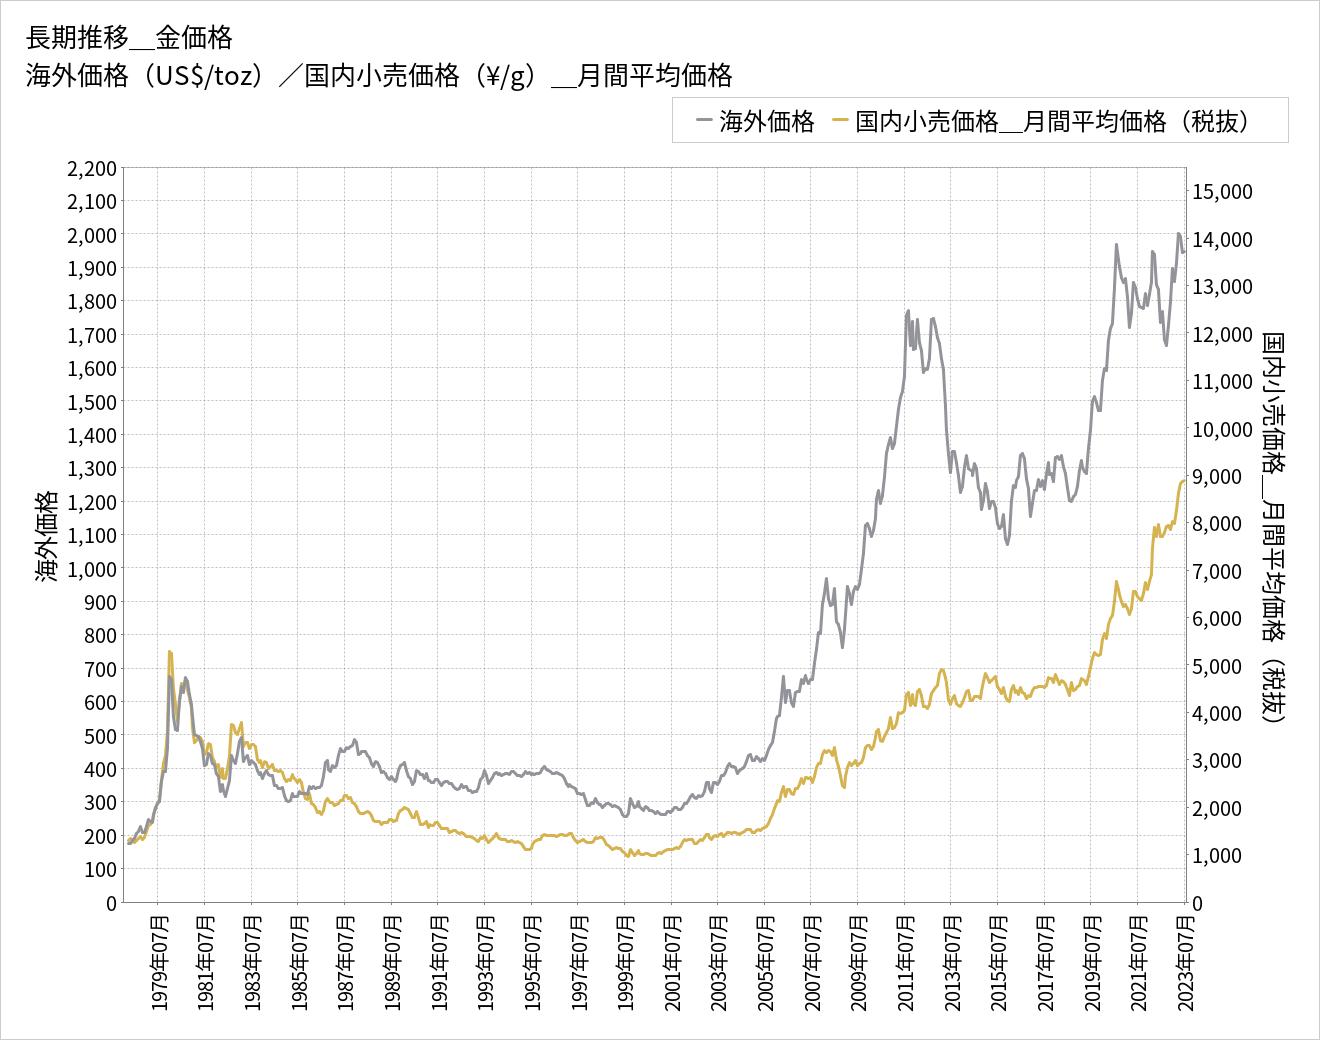 金価格チャート(長期 1978年~現在)